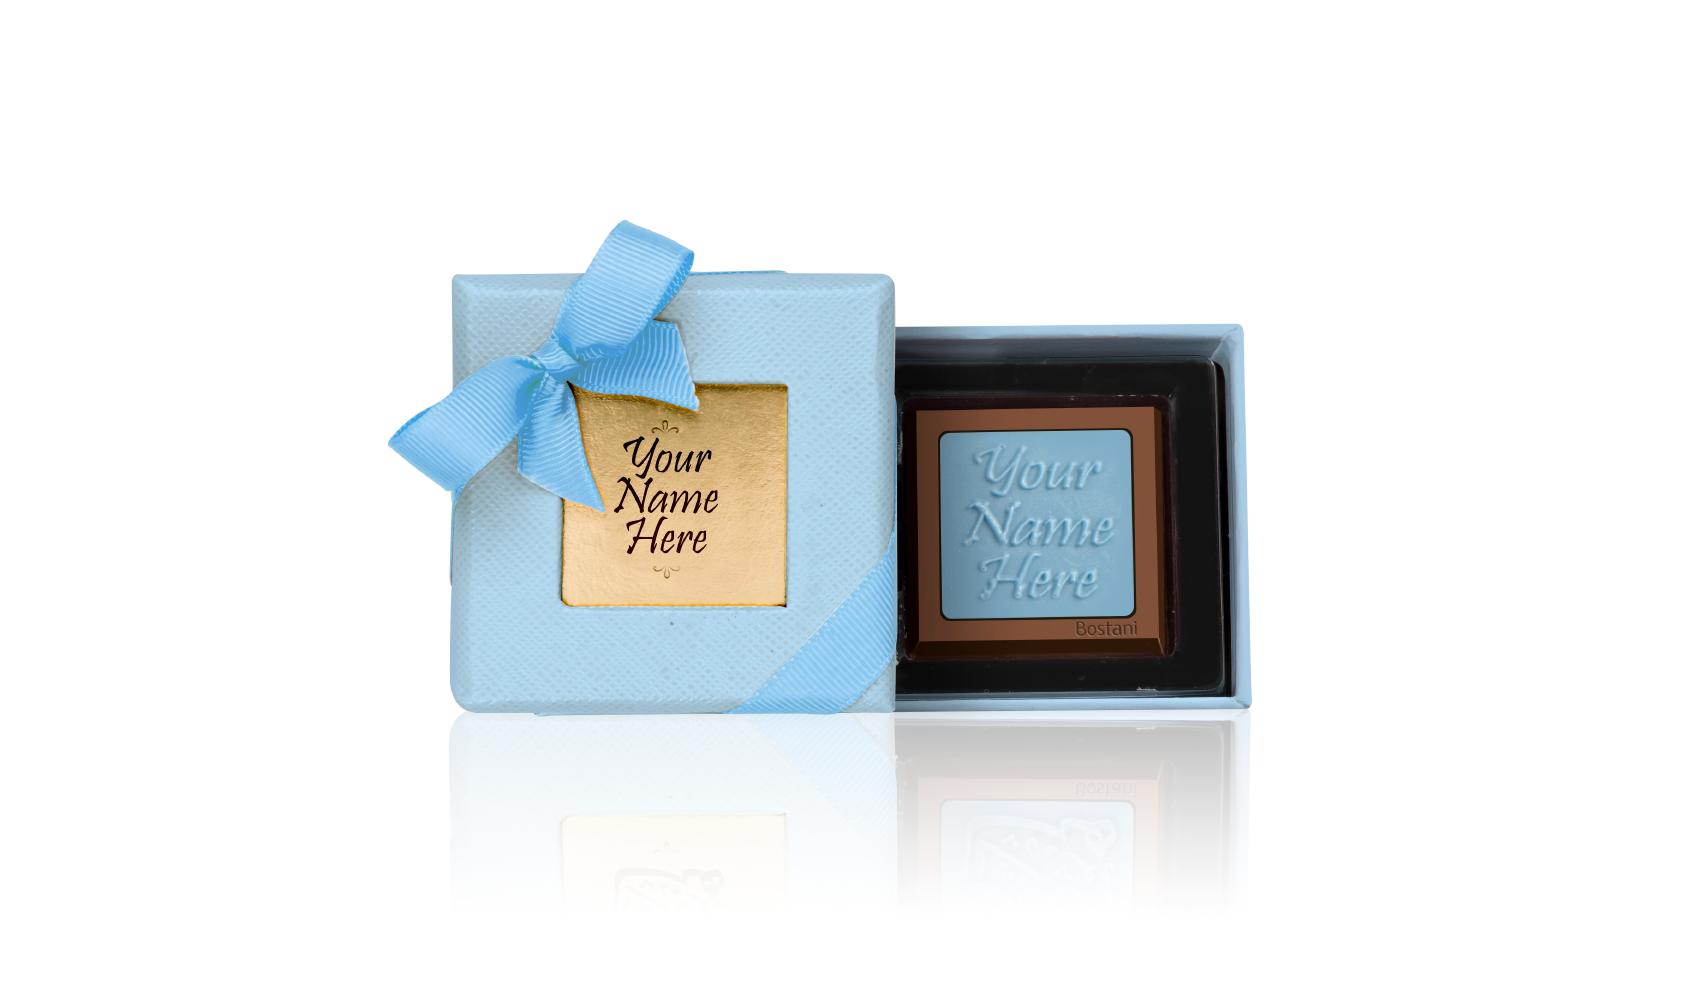 علبة الهدايا الجلدية (1 قطعة شوكولا) لون أزرق